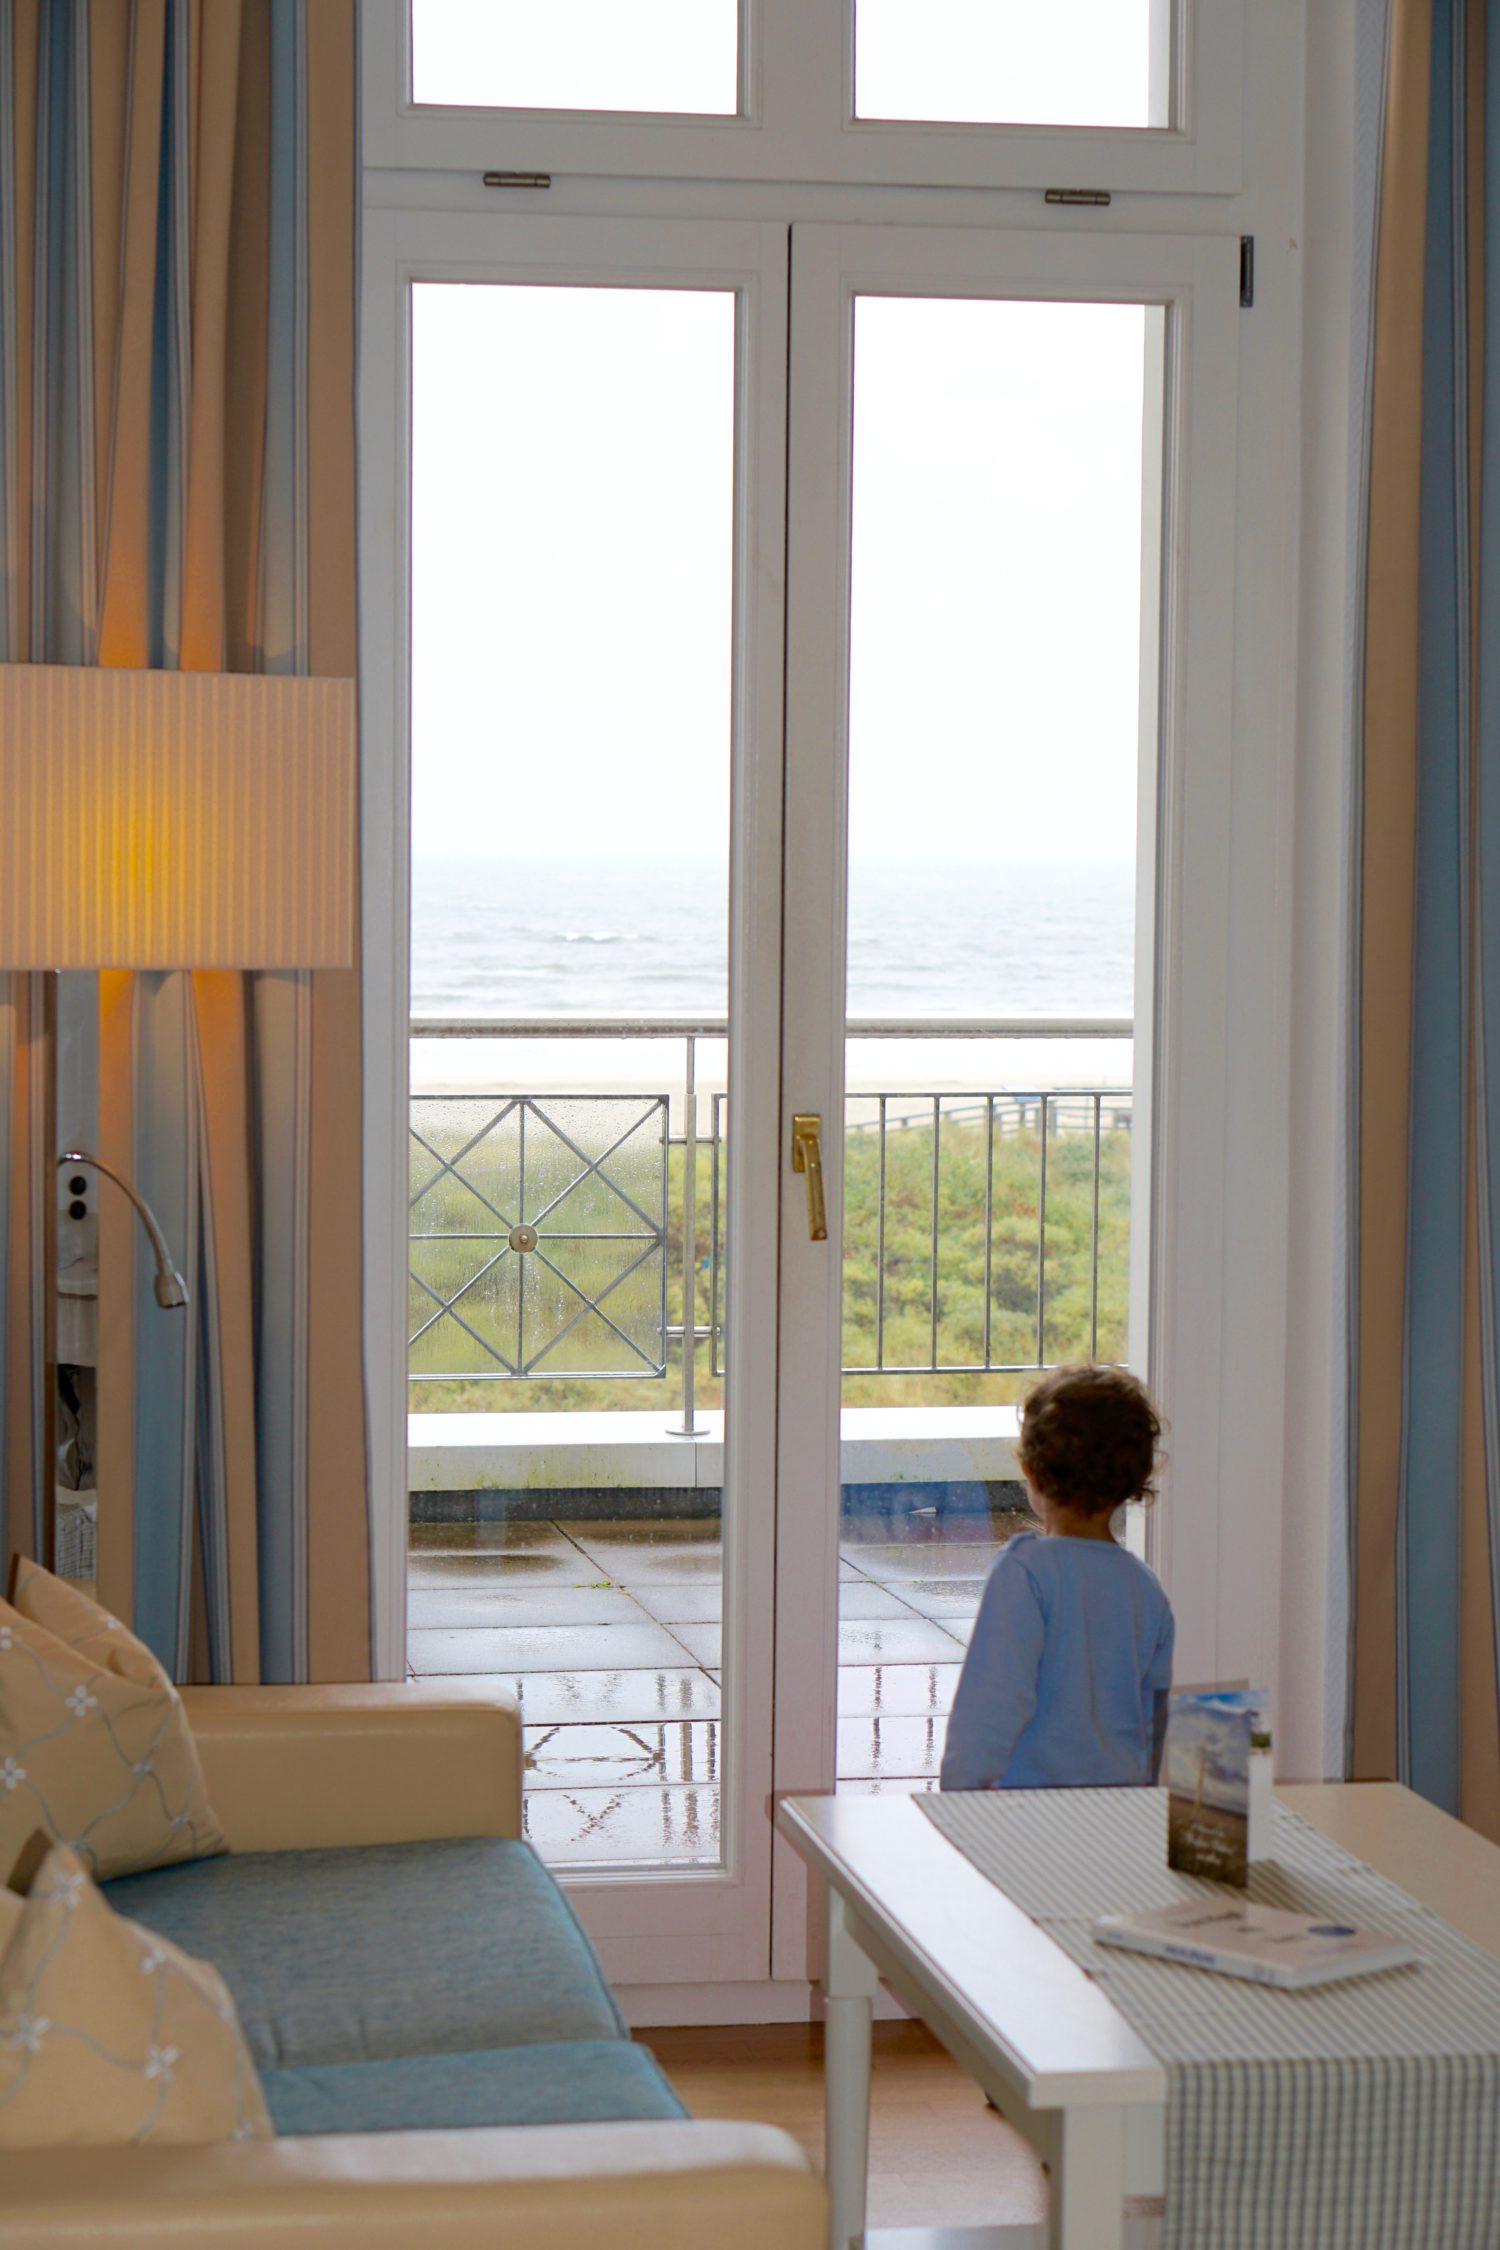 das-weisse-schloss-am-meer-strandhotel-kurhaus-juist27